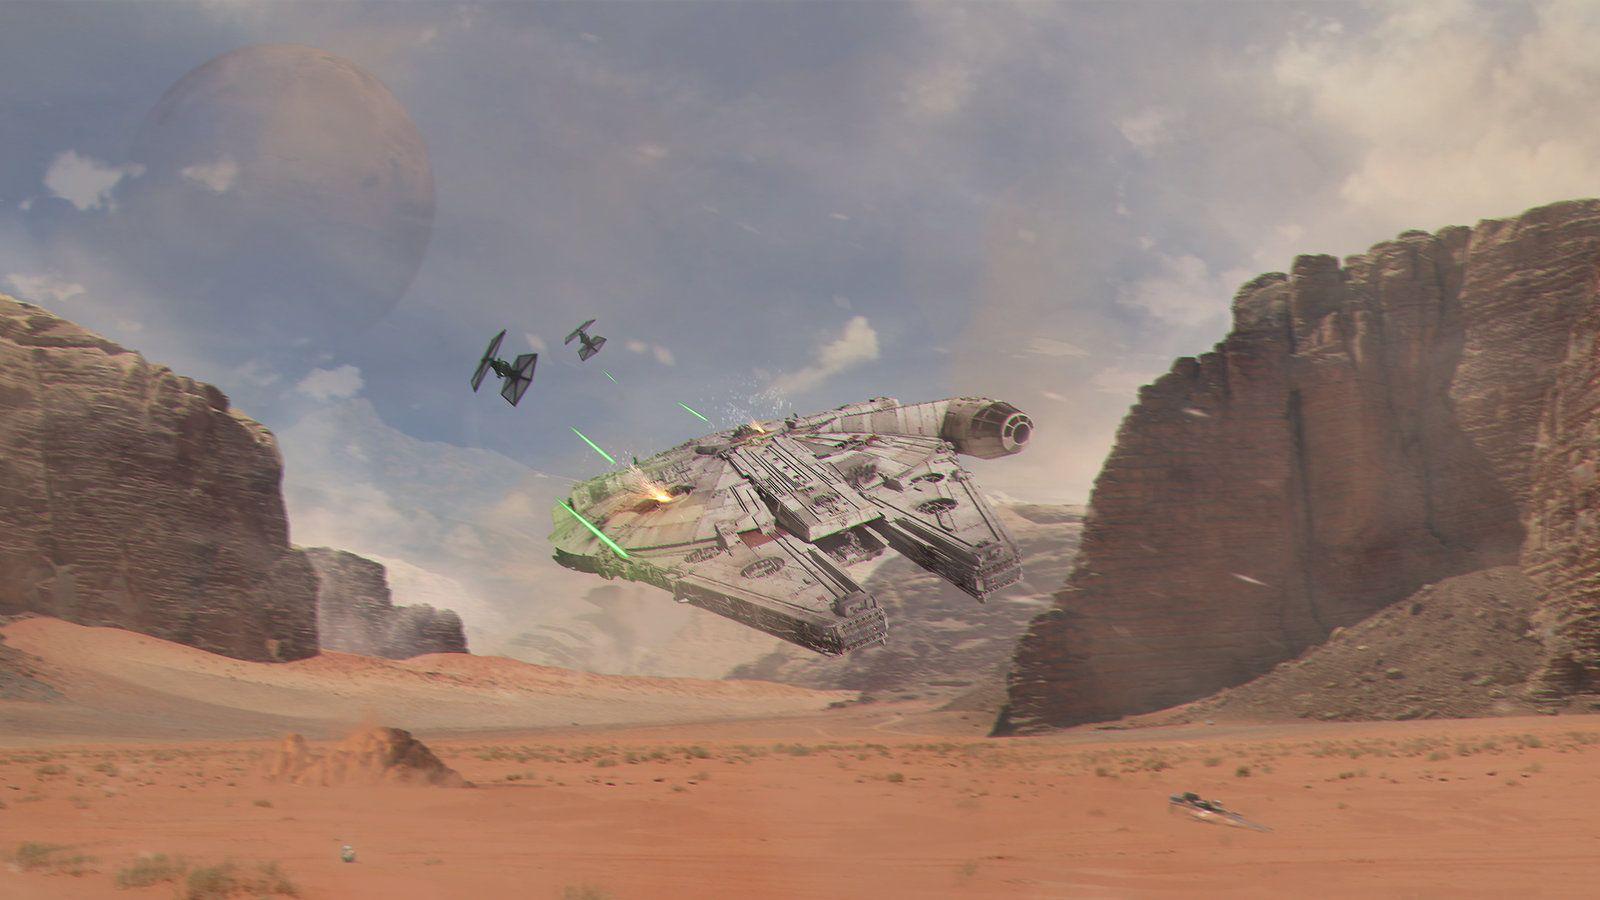 Free Download 60 Star Wars Landscape Wallpapers Download At Wallpaperbro 1600x900 For Your Desktop Mobile Tablet Explore 39 Star Wars Desert Background Star Wars Desert Background Star Wars Star